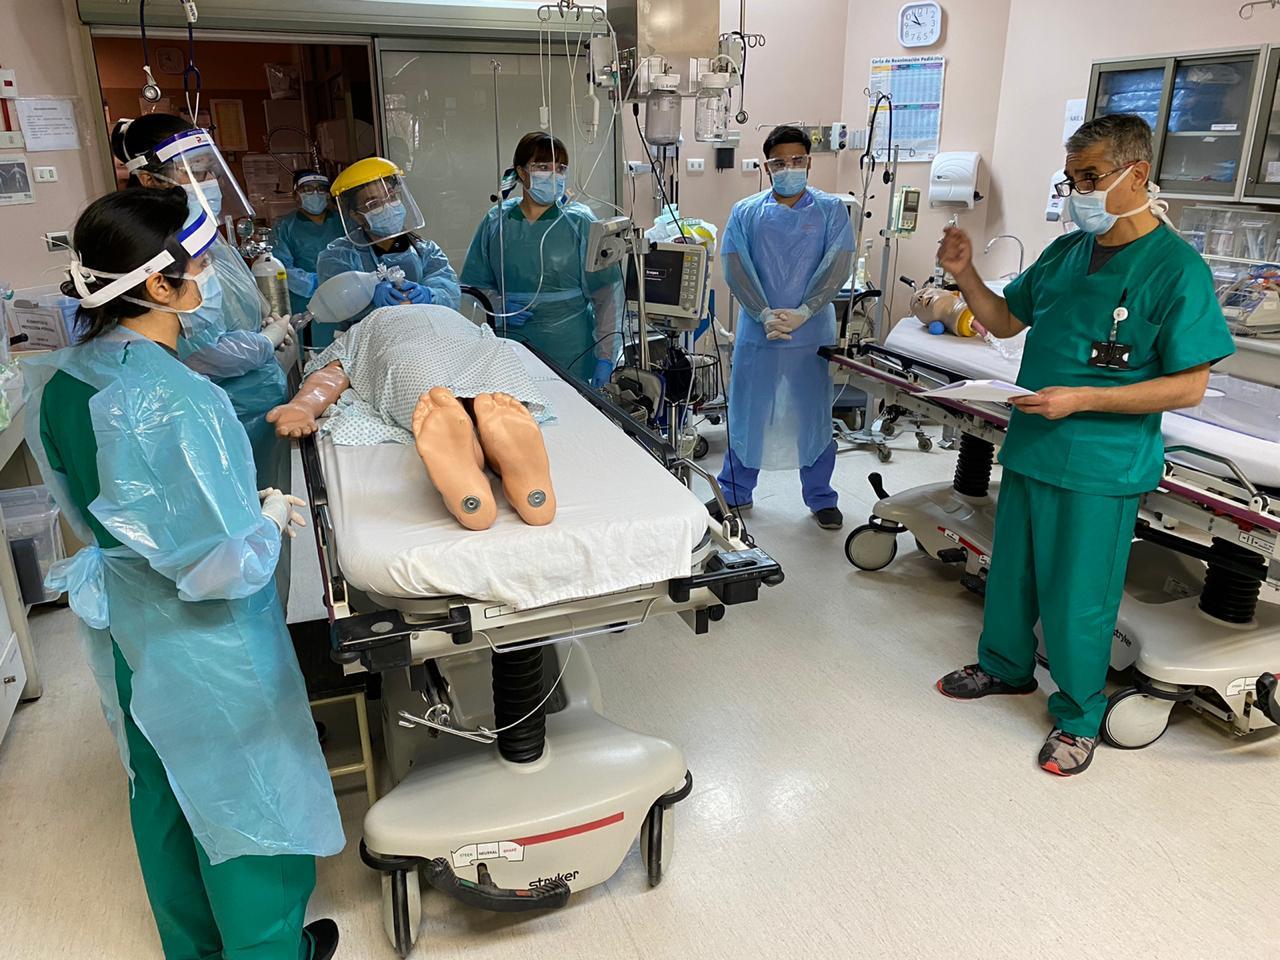 HPH CAPACITA A PROFESIONALES MÉDICOS Y CLÍNICOS EN ATENCIÓN DE PACIENTE CON RIESGO VITAL POR COVID-19